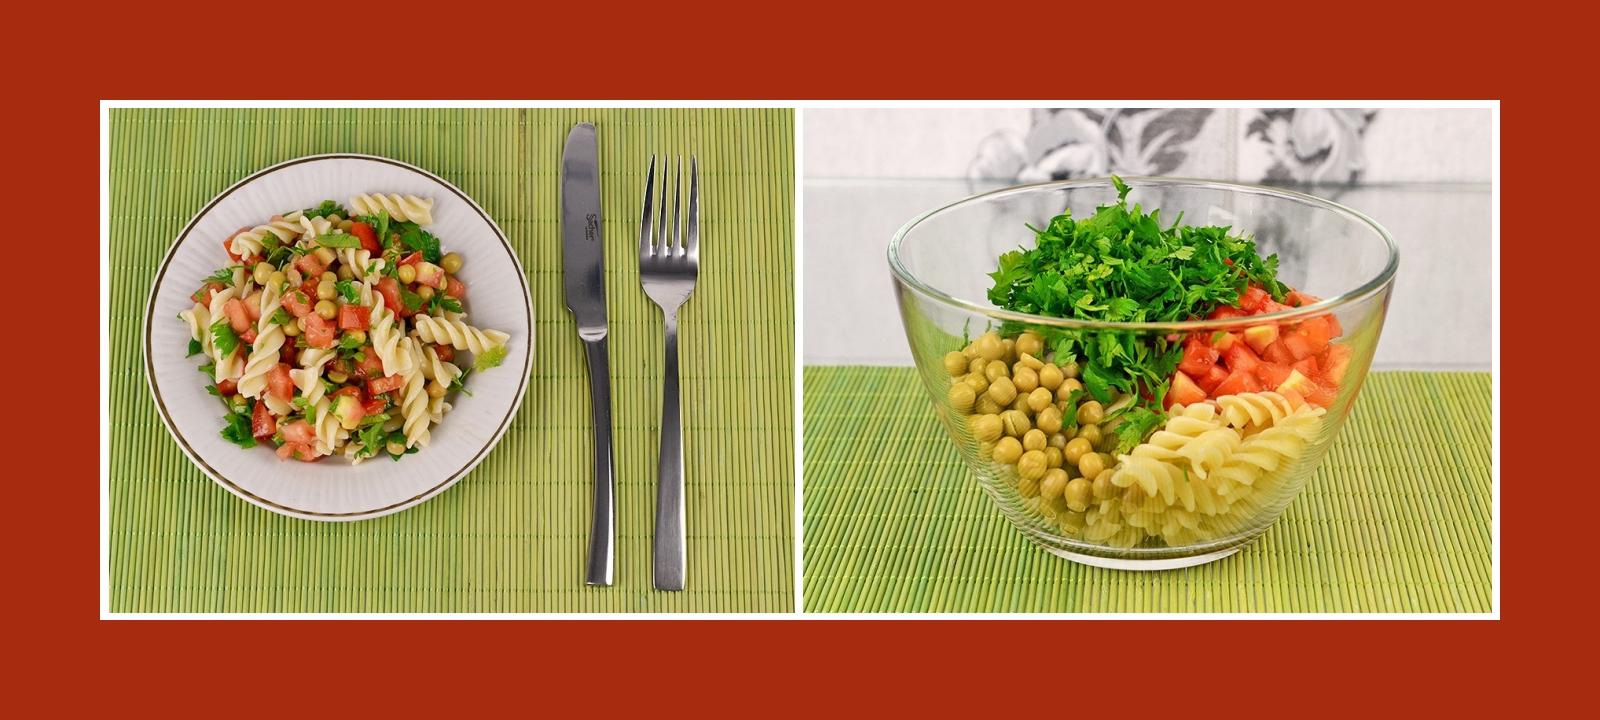 Nudelsalat mit Tomaten, Erbsen und Petersilie